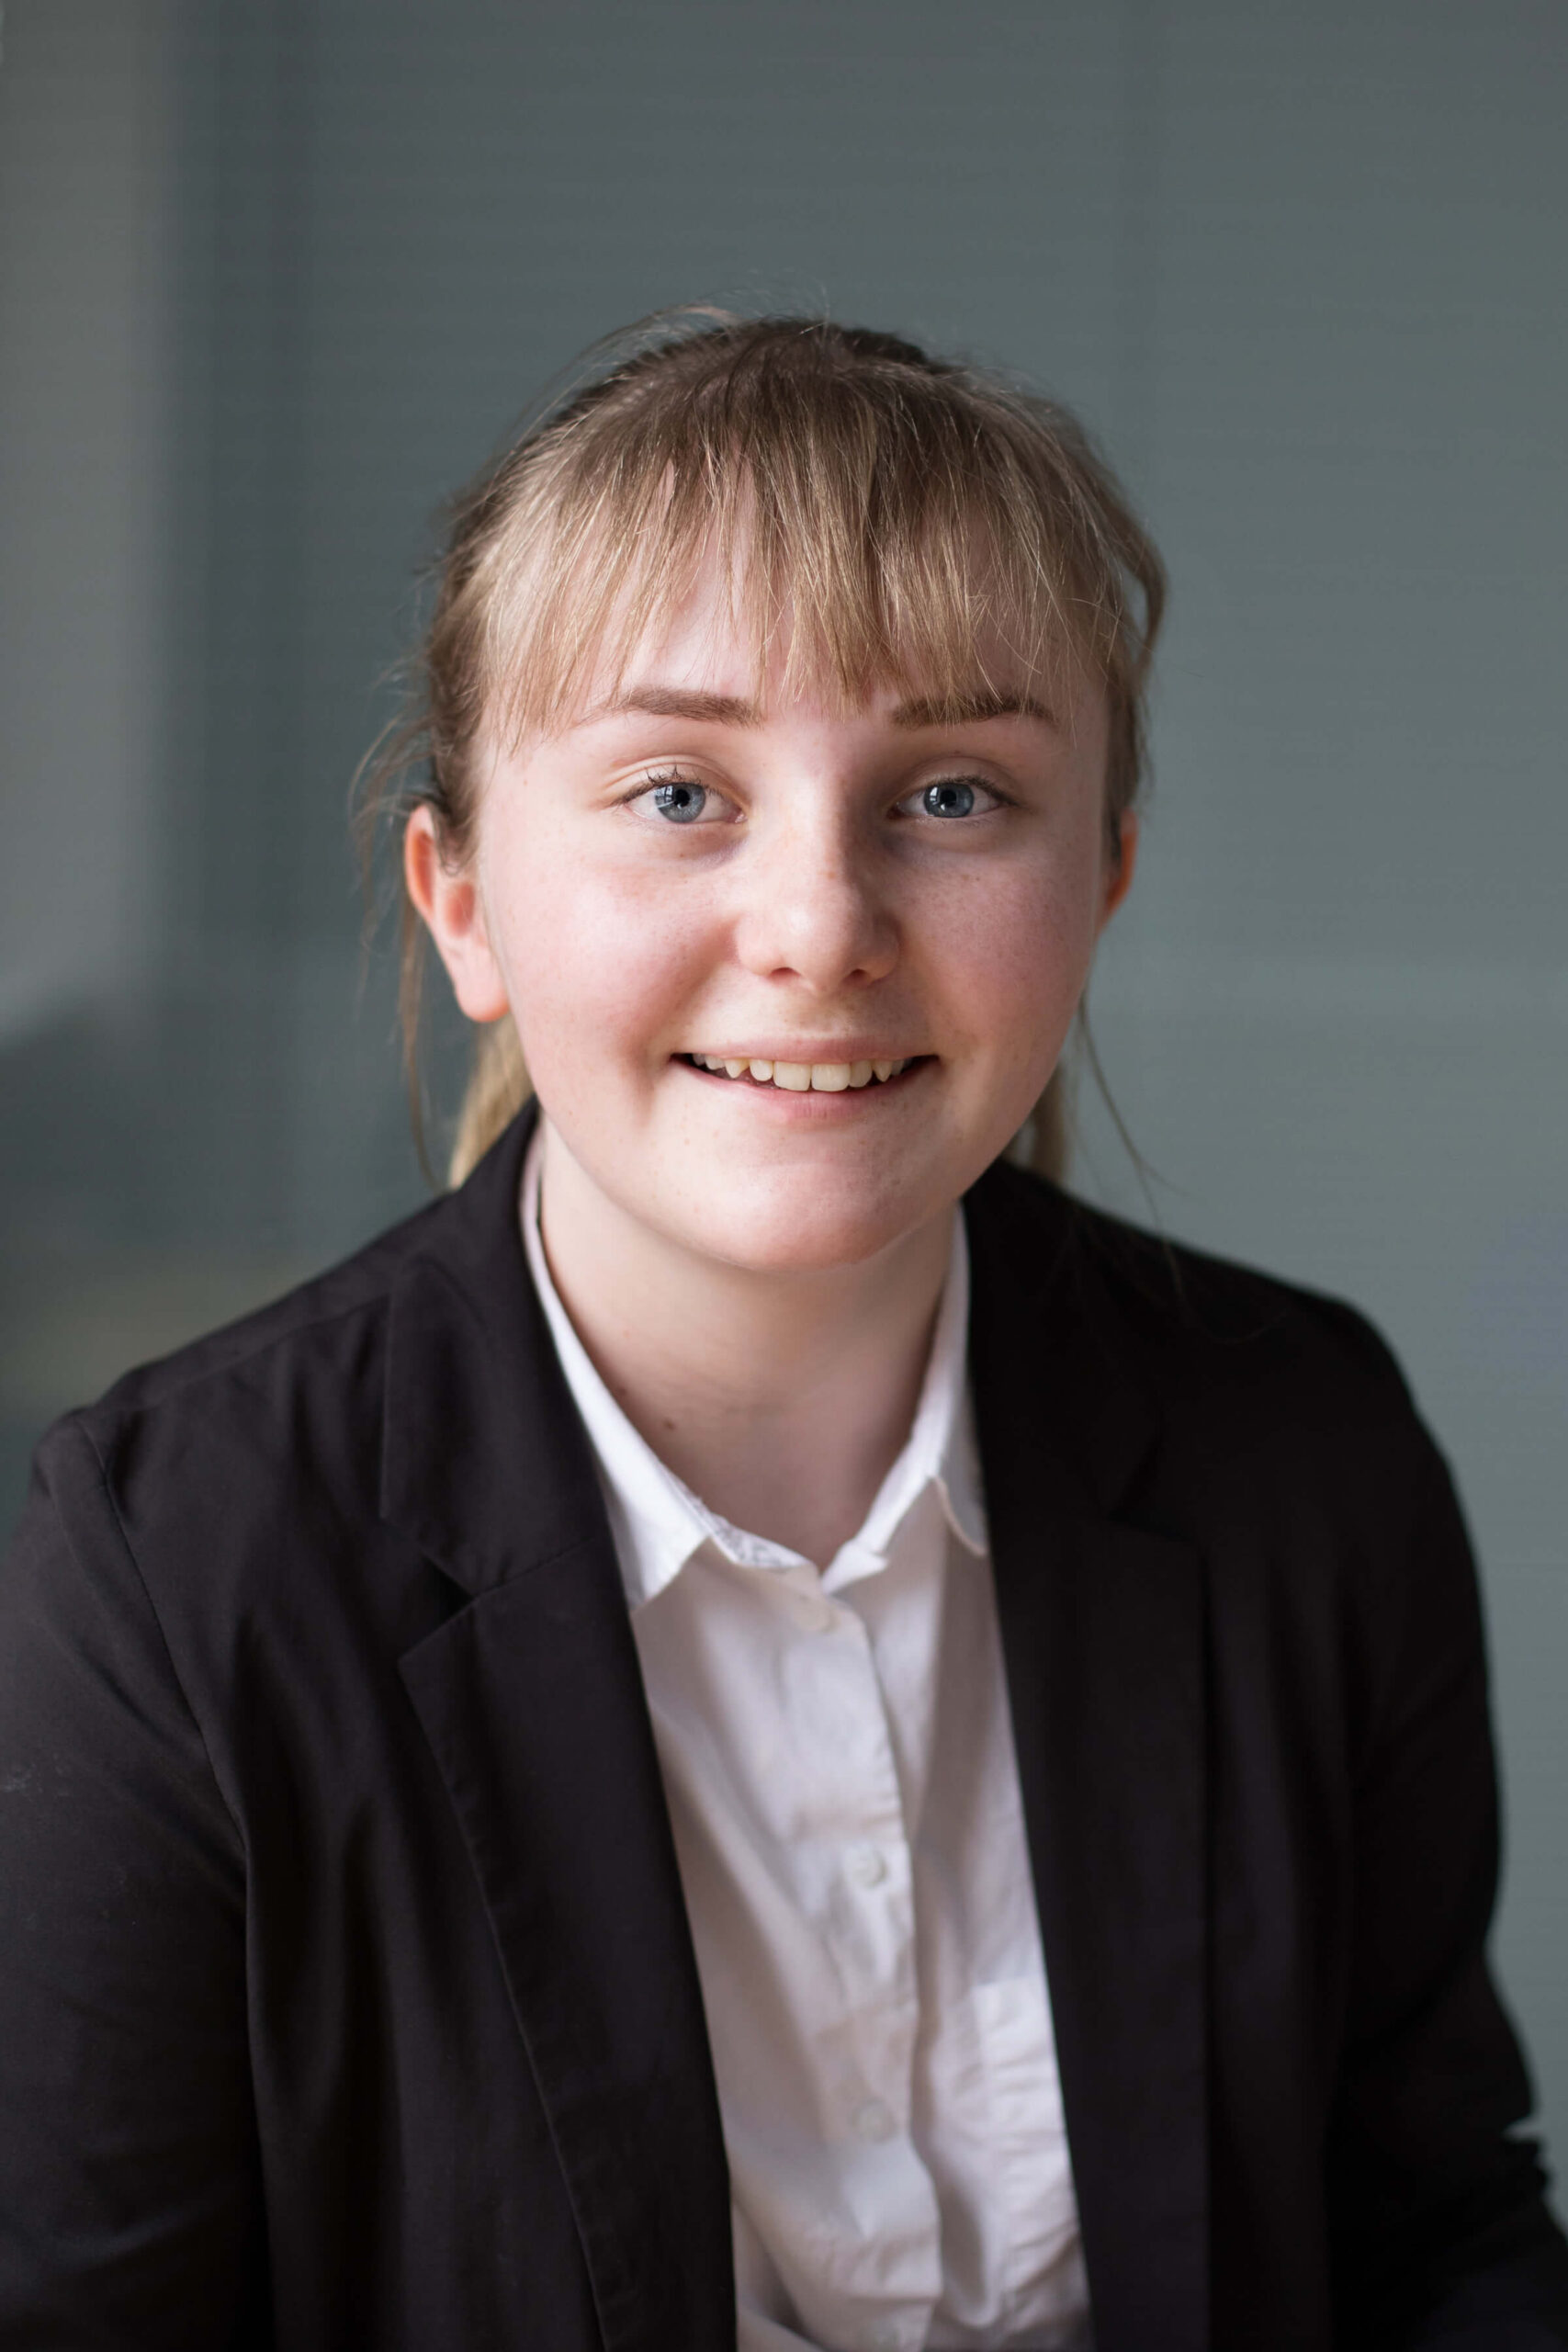 Tori Crutchley